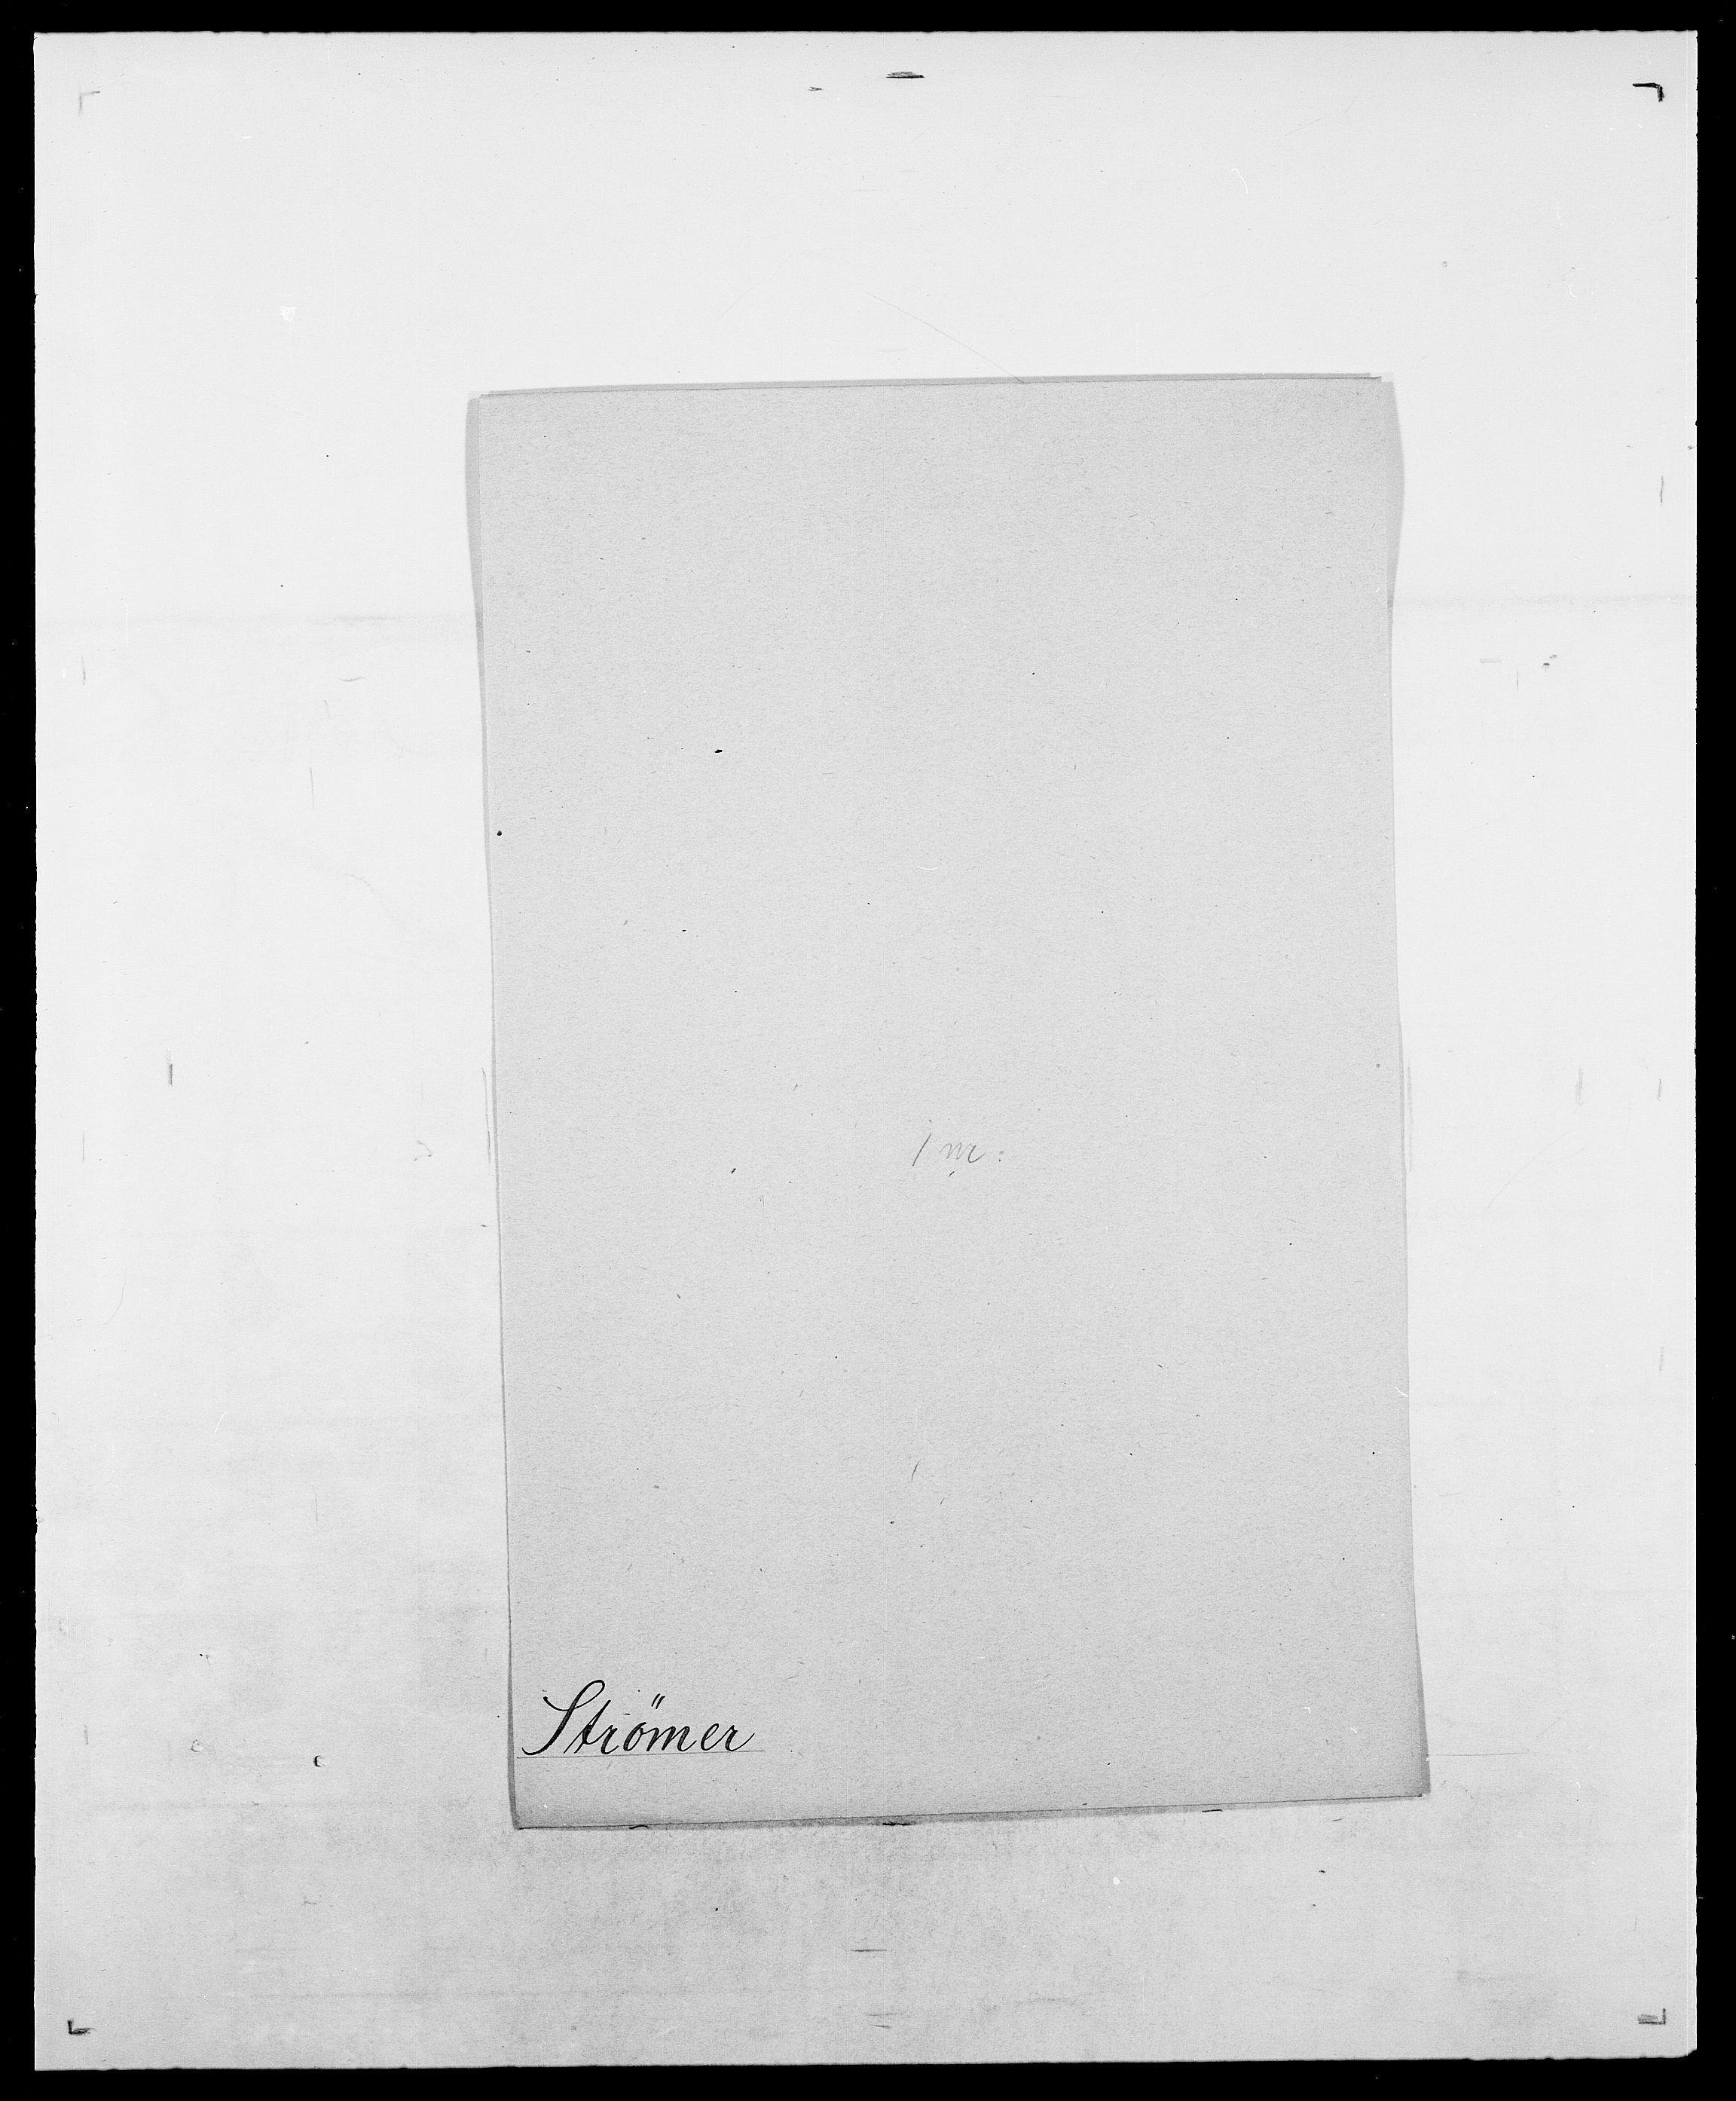 SAO, Delgobe, Charles Antoine - samling, D/Da/L0037: Steen, Sthen, Stein - Svare, Svanige, Svanne, se også Svanning og Schwane, s. 704